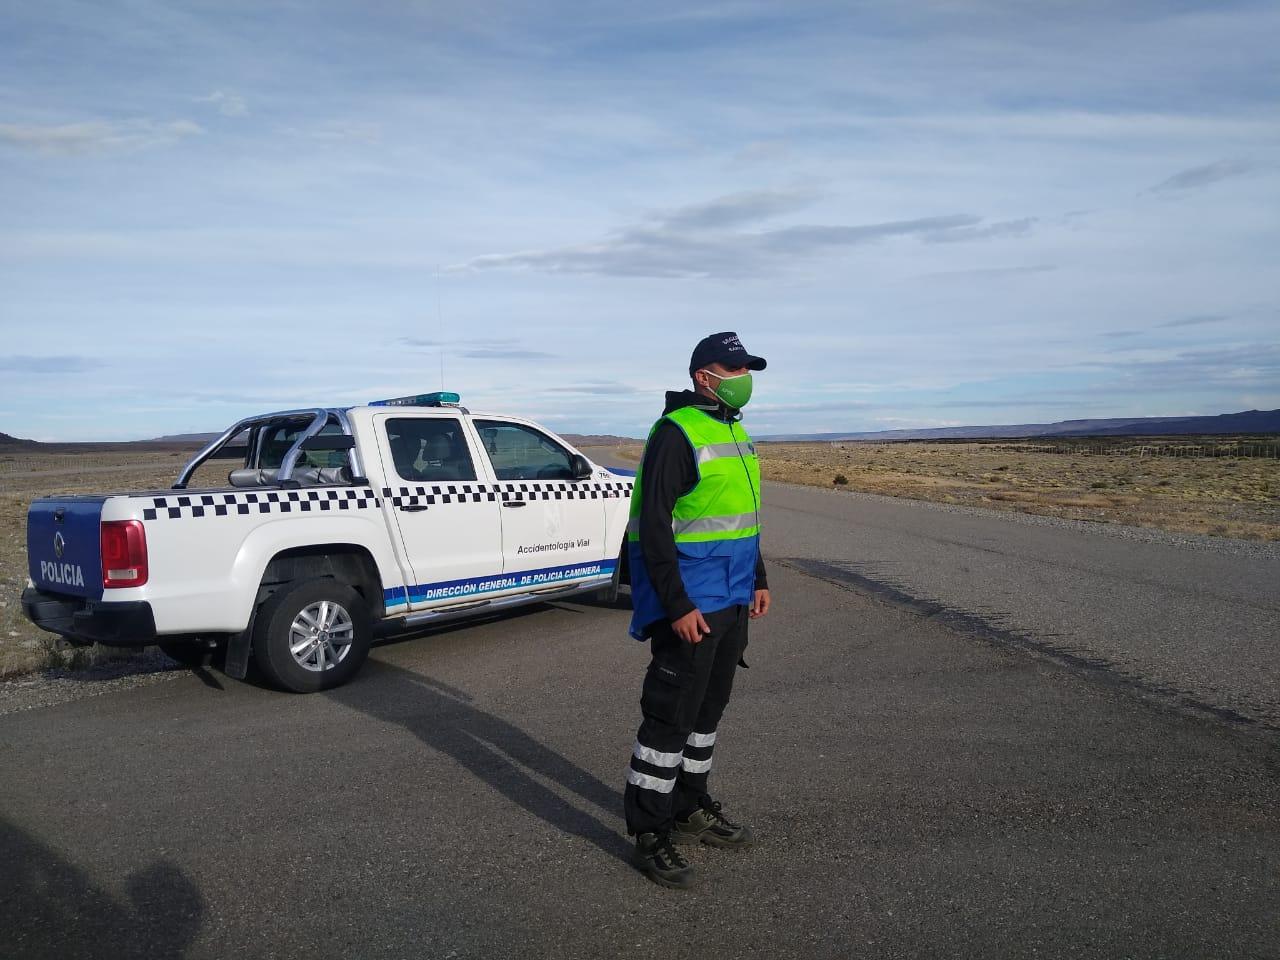 La Campaña Verano Vivo apuesta a la marcar presencia y apelar a la responsabilidad de los conductores.